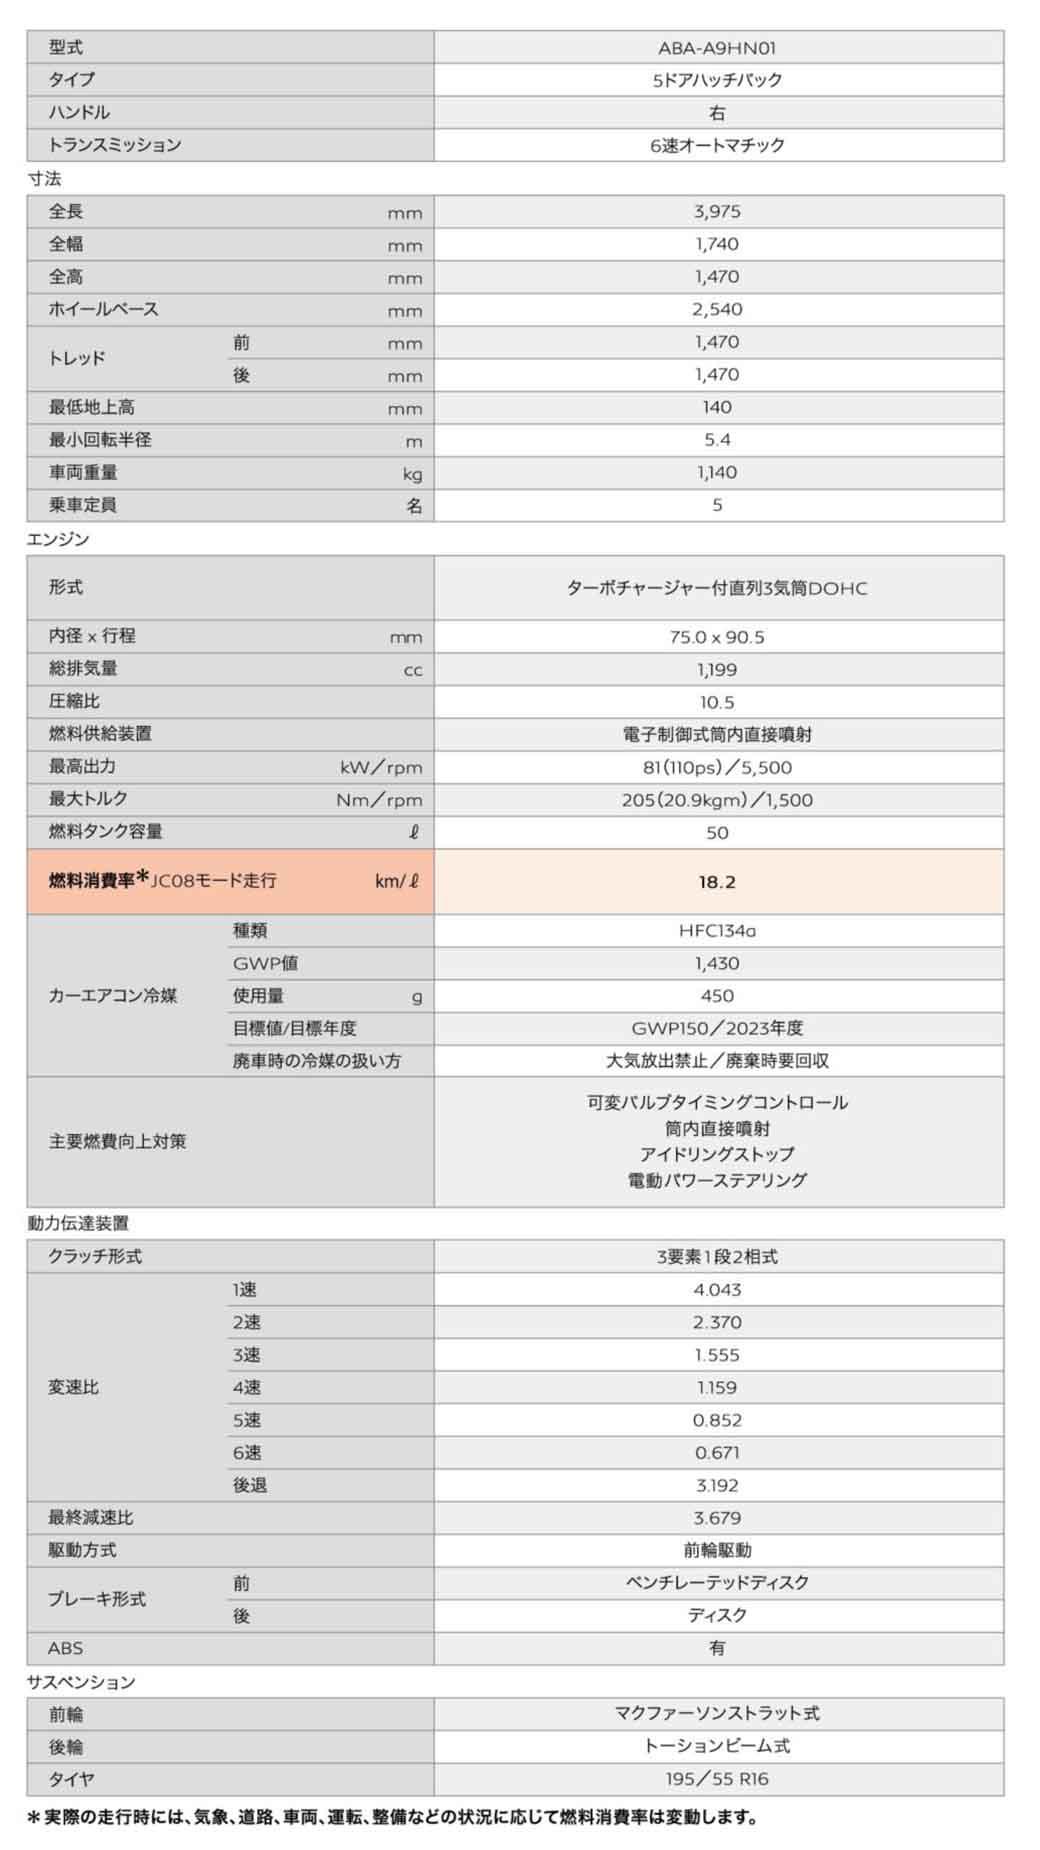 peugeot-citroen-japon-entry-model-208-style-plus-a-limited-release20160602-10